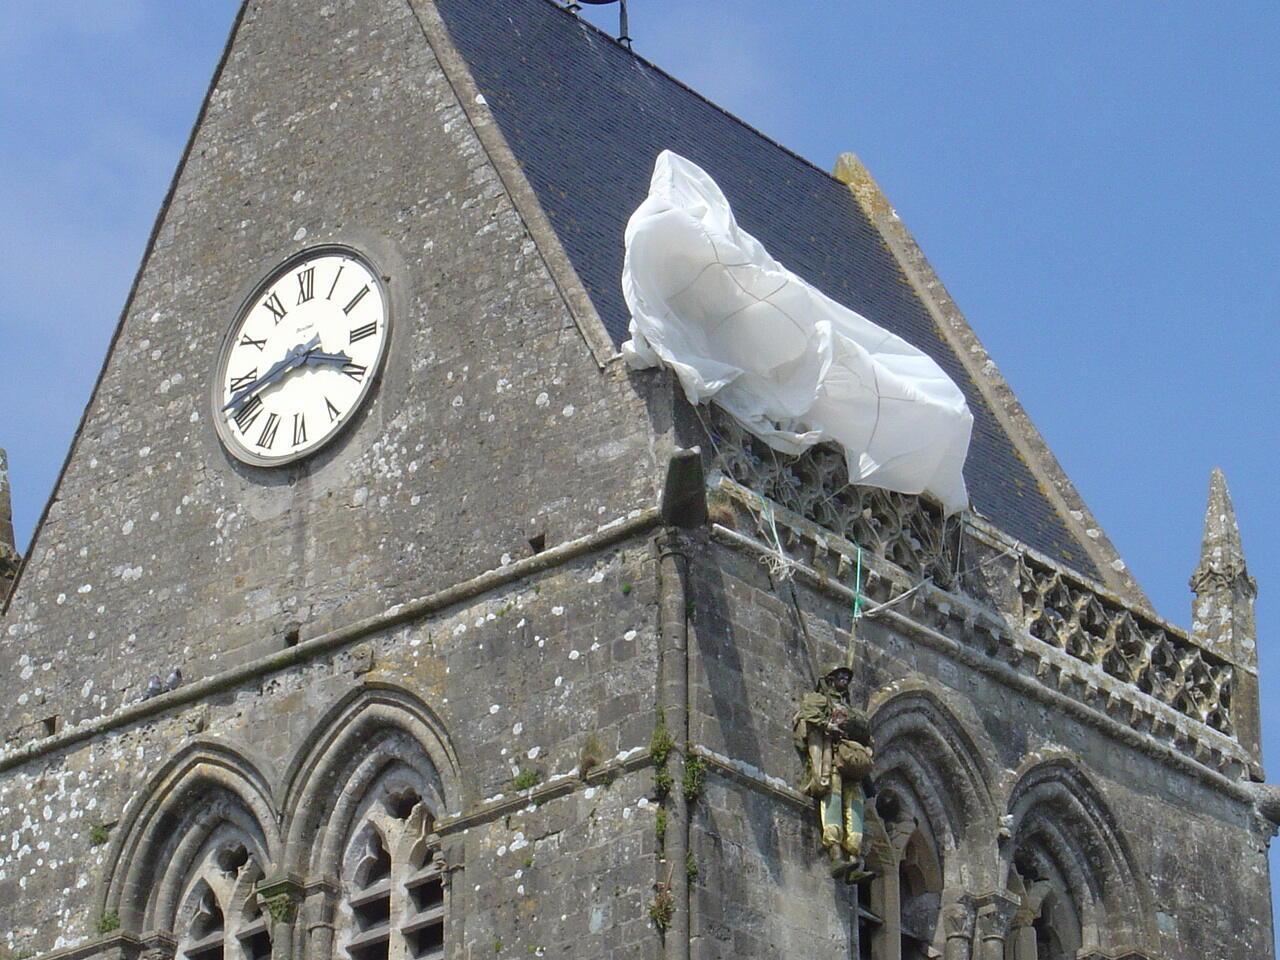 До сих пор на крыше церкви в Сент-Мер-Эглиз развевается парашют американского десантника в память о событиях ночи с 5 на 6 июня 1944 года